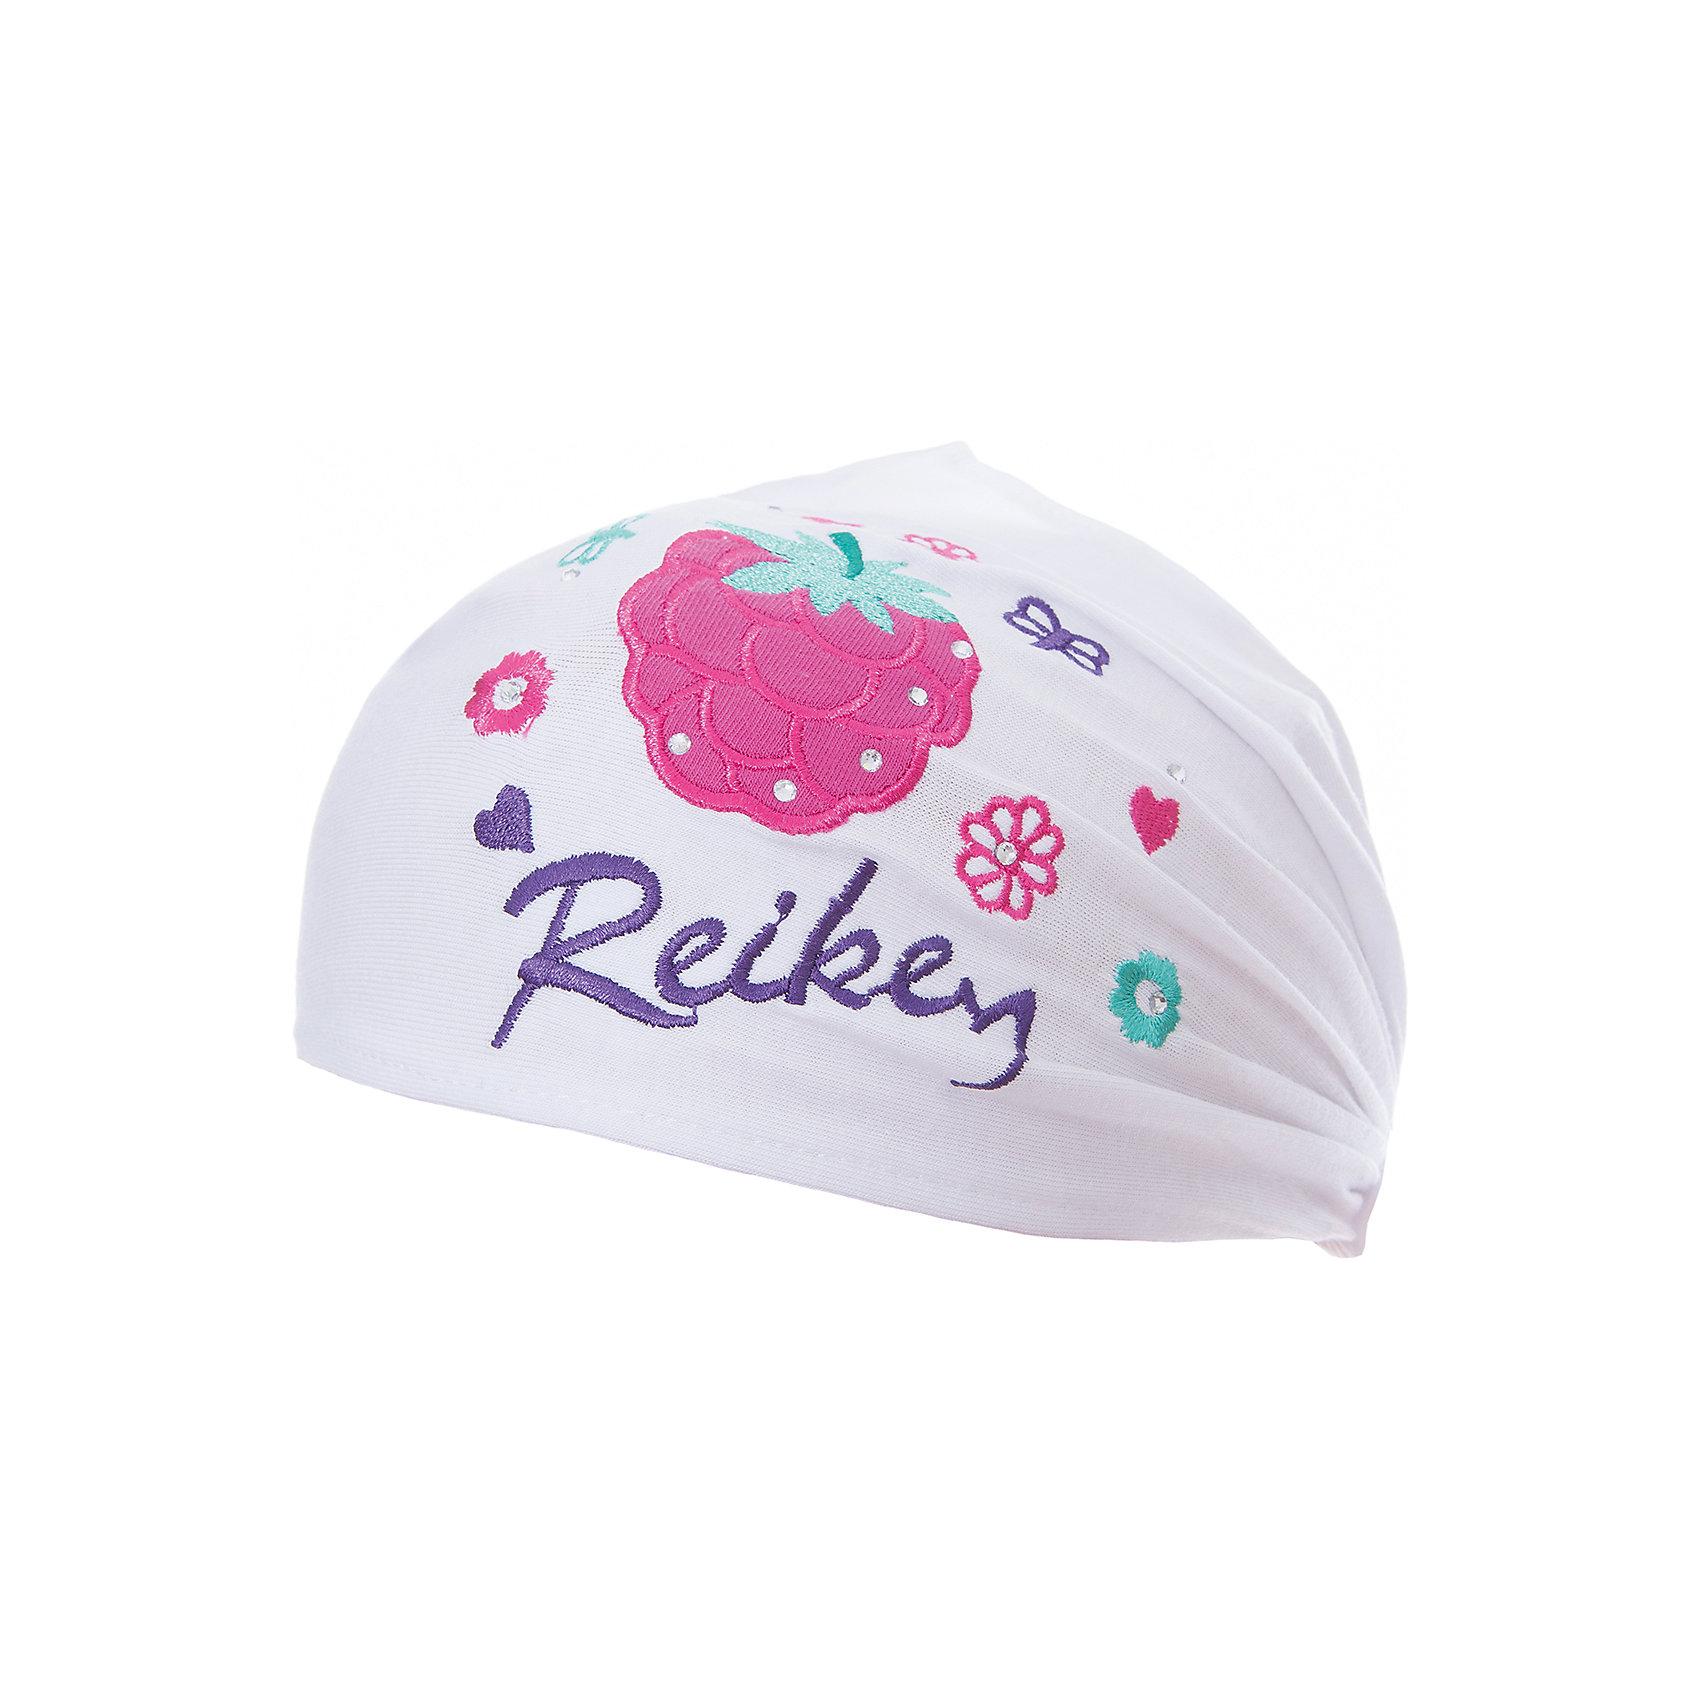 Повязка Reike для девочкиШапки и шарфы<br>Характеристики товара:<br><br>• цвет: белый<br>• состав: 100% хлопок<br>• стильный дизайн<br>• декорирована вышивкой и стразами<br>• мягкий материал<br>• страна бренда: Финляндия<br><br>Новая коллекция от известного финского производителя Reike отличается ярким дизайном, продуманностью и комфортом! Эта модель разработана специально для детей - она учитывает особенности их физиологии, а также новые тенденции в европейской моде. Стильная и удобная вещь!<br><br>Повязку для девочки от популярного бренда Reike можно купить в нашем интернет-магазине.<br><br>Ширина мм: 89<br>Глубина мм: 117<br>Высота мм: 44<br>Вес г: 155<br>Цвет: белый<br>Возраст от месяцев: 6<br>Возраст до месяцев: 9<br>Пол: Женский<br>Возраст: Детский<br>Размер: 46,50,48<br>SKU: 5430100